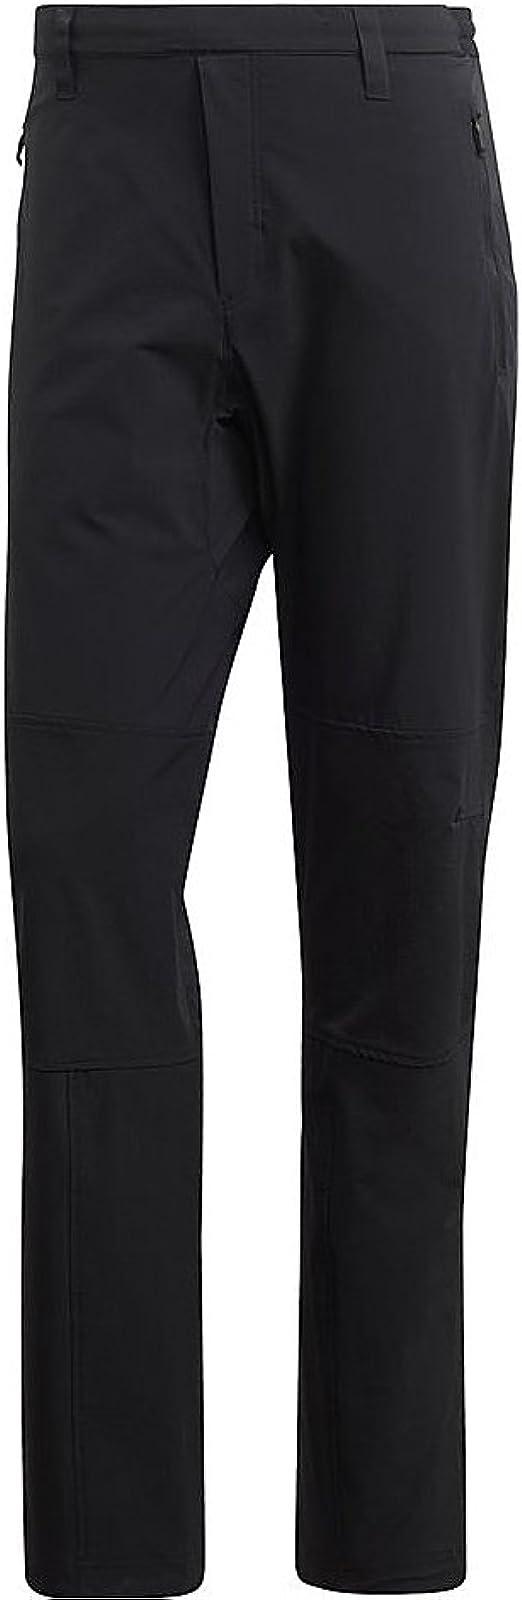 adidas Originals Multi Pants